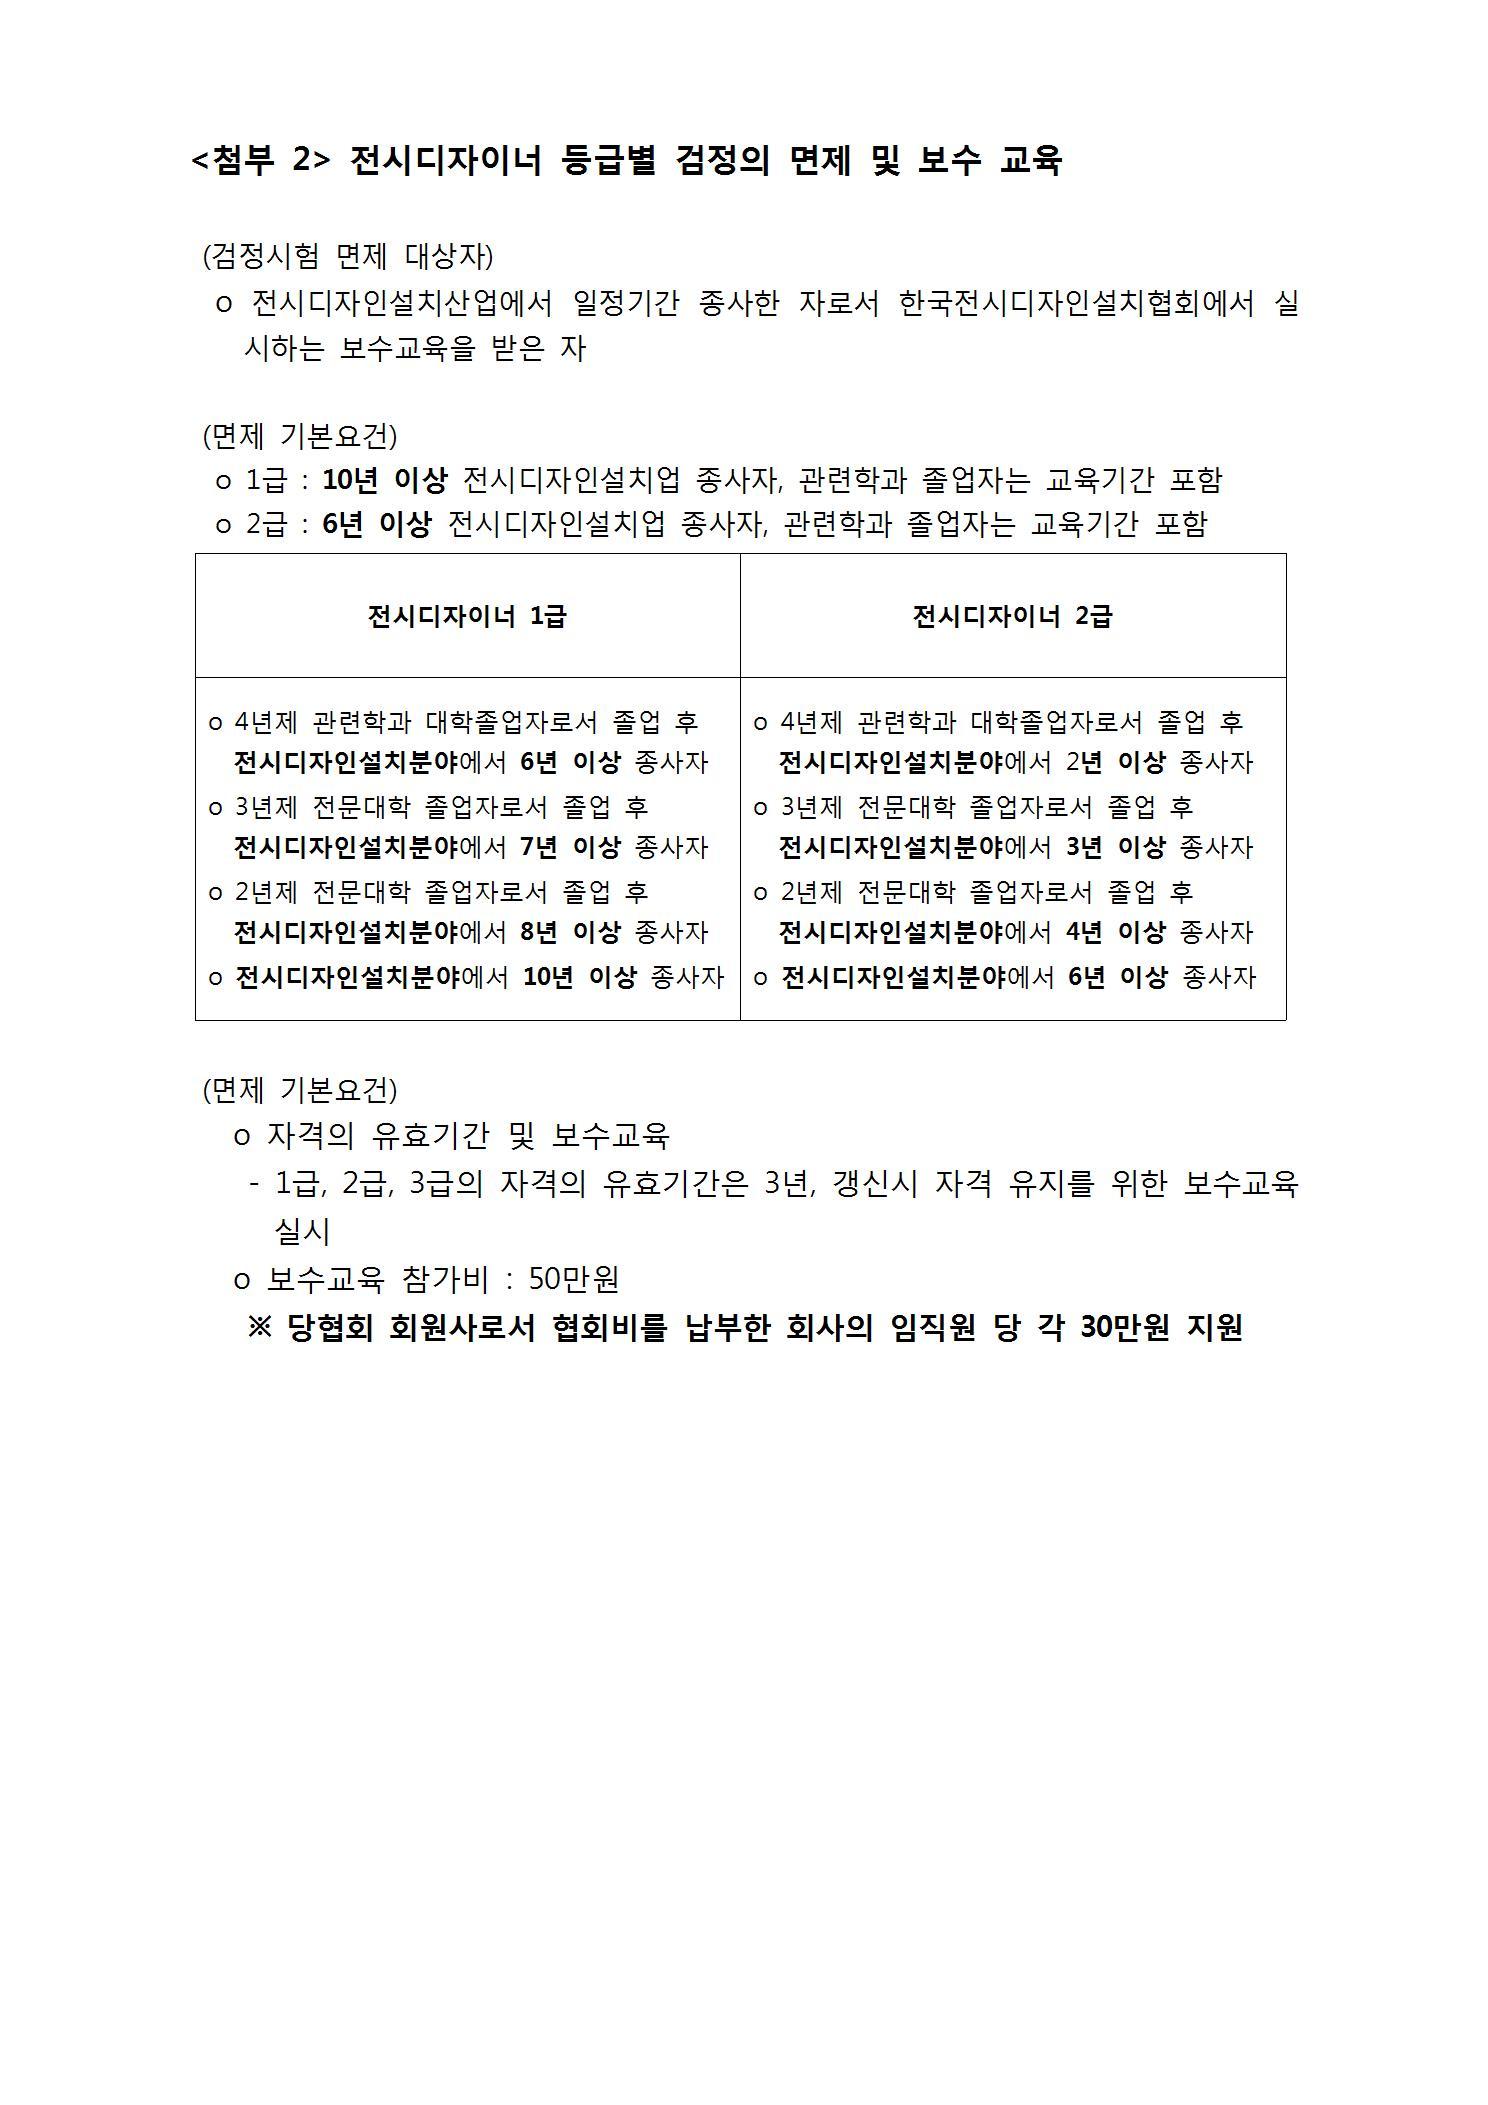 공문(19-094)004.jpg